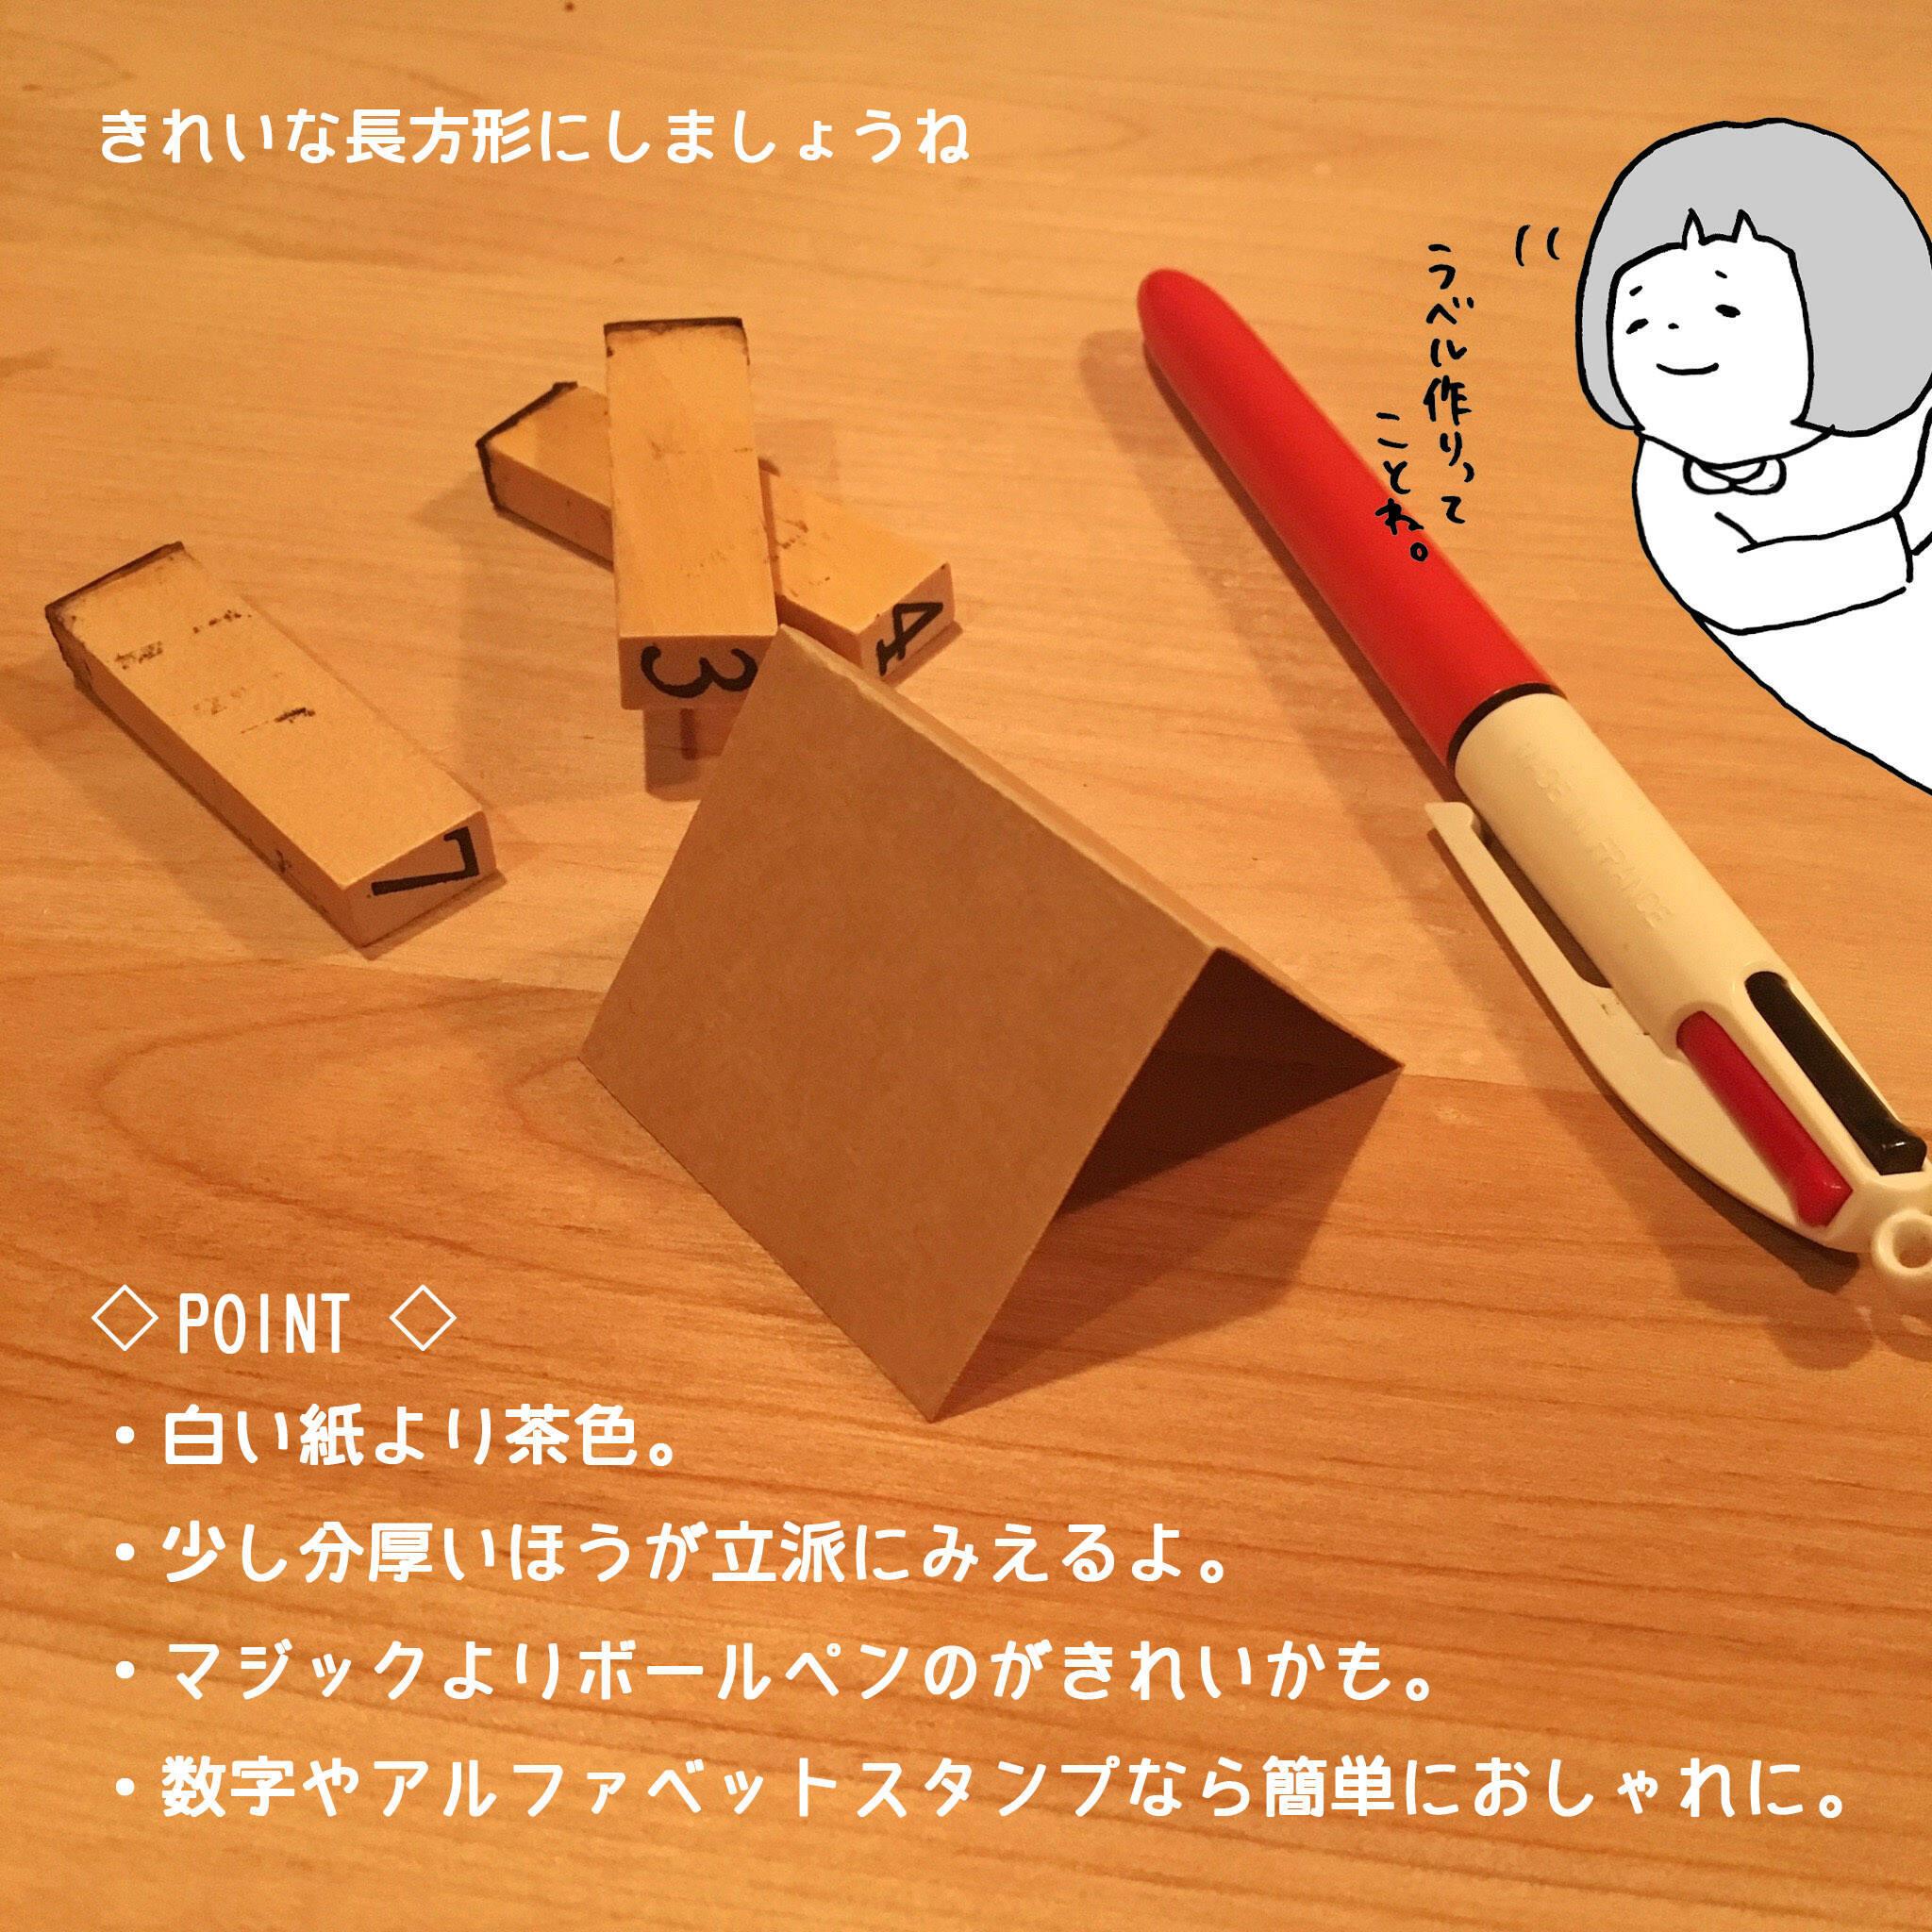 用意するのは綺麗に切って山おりにした小さな紙